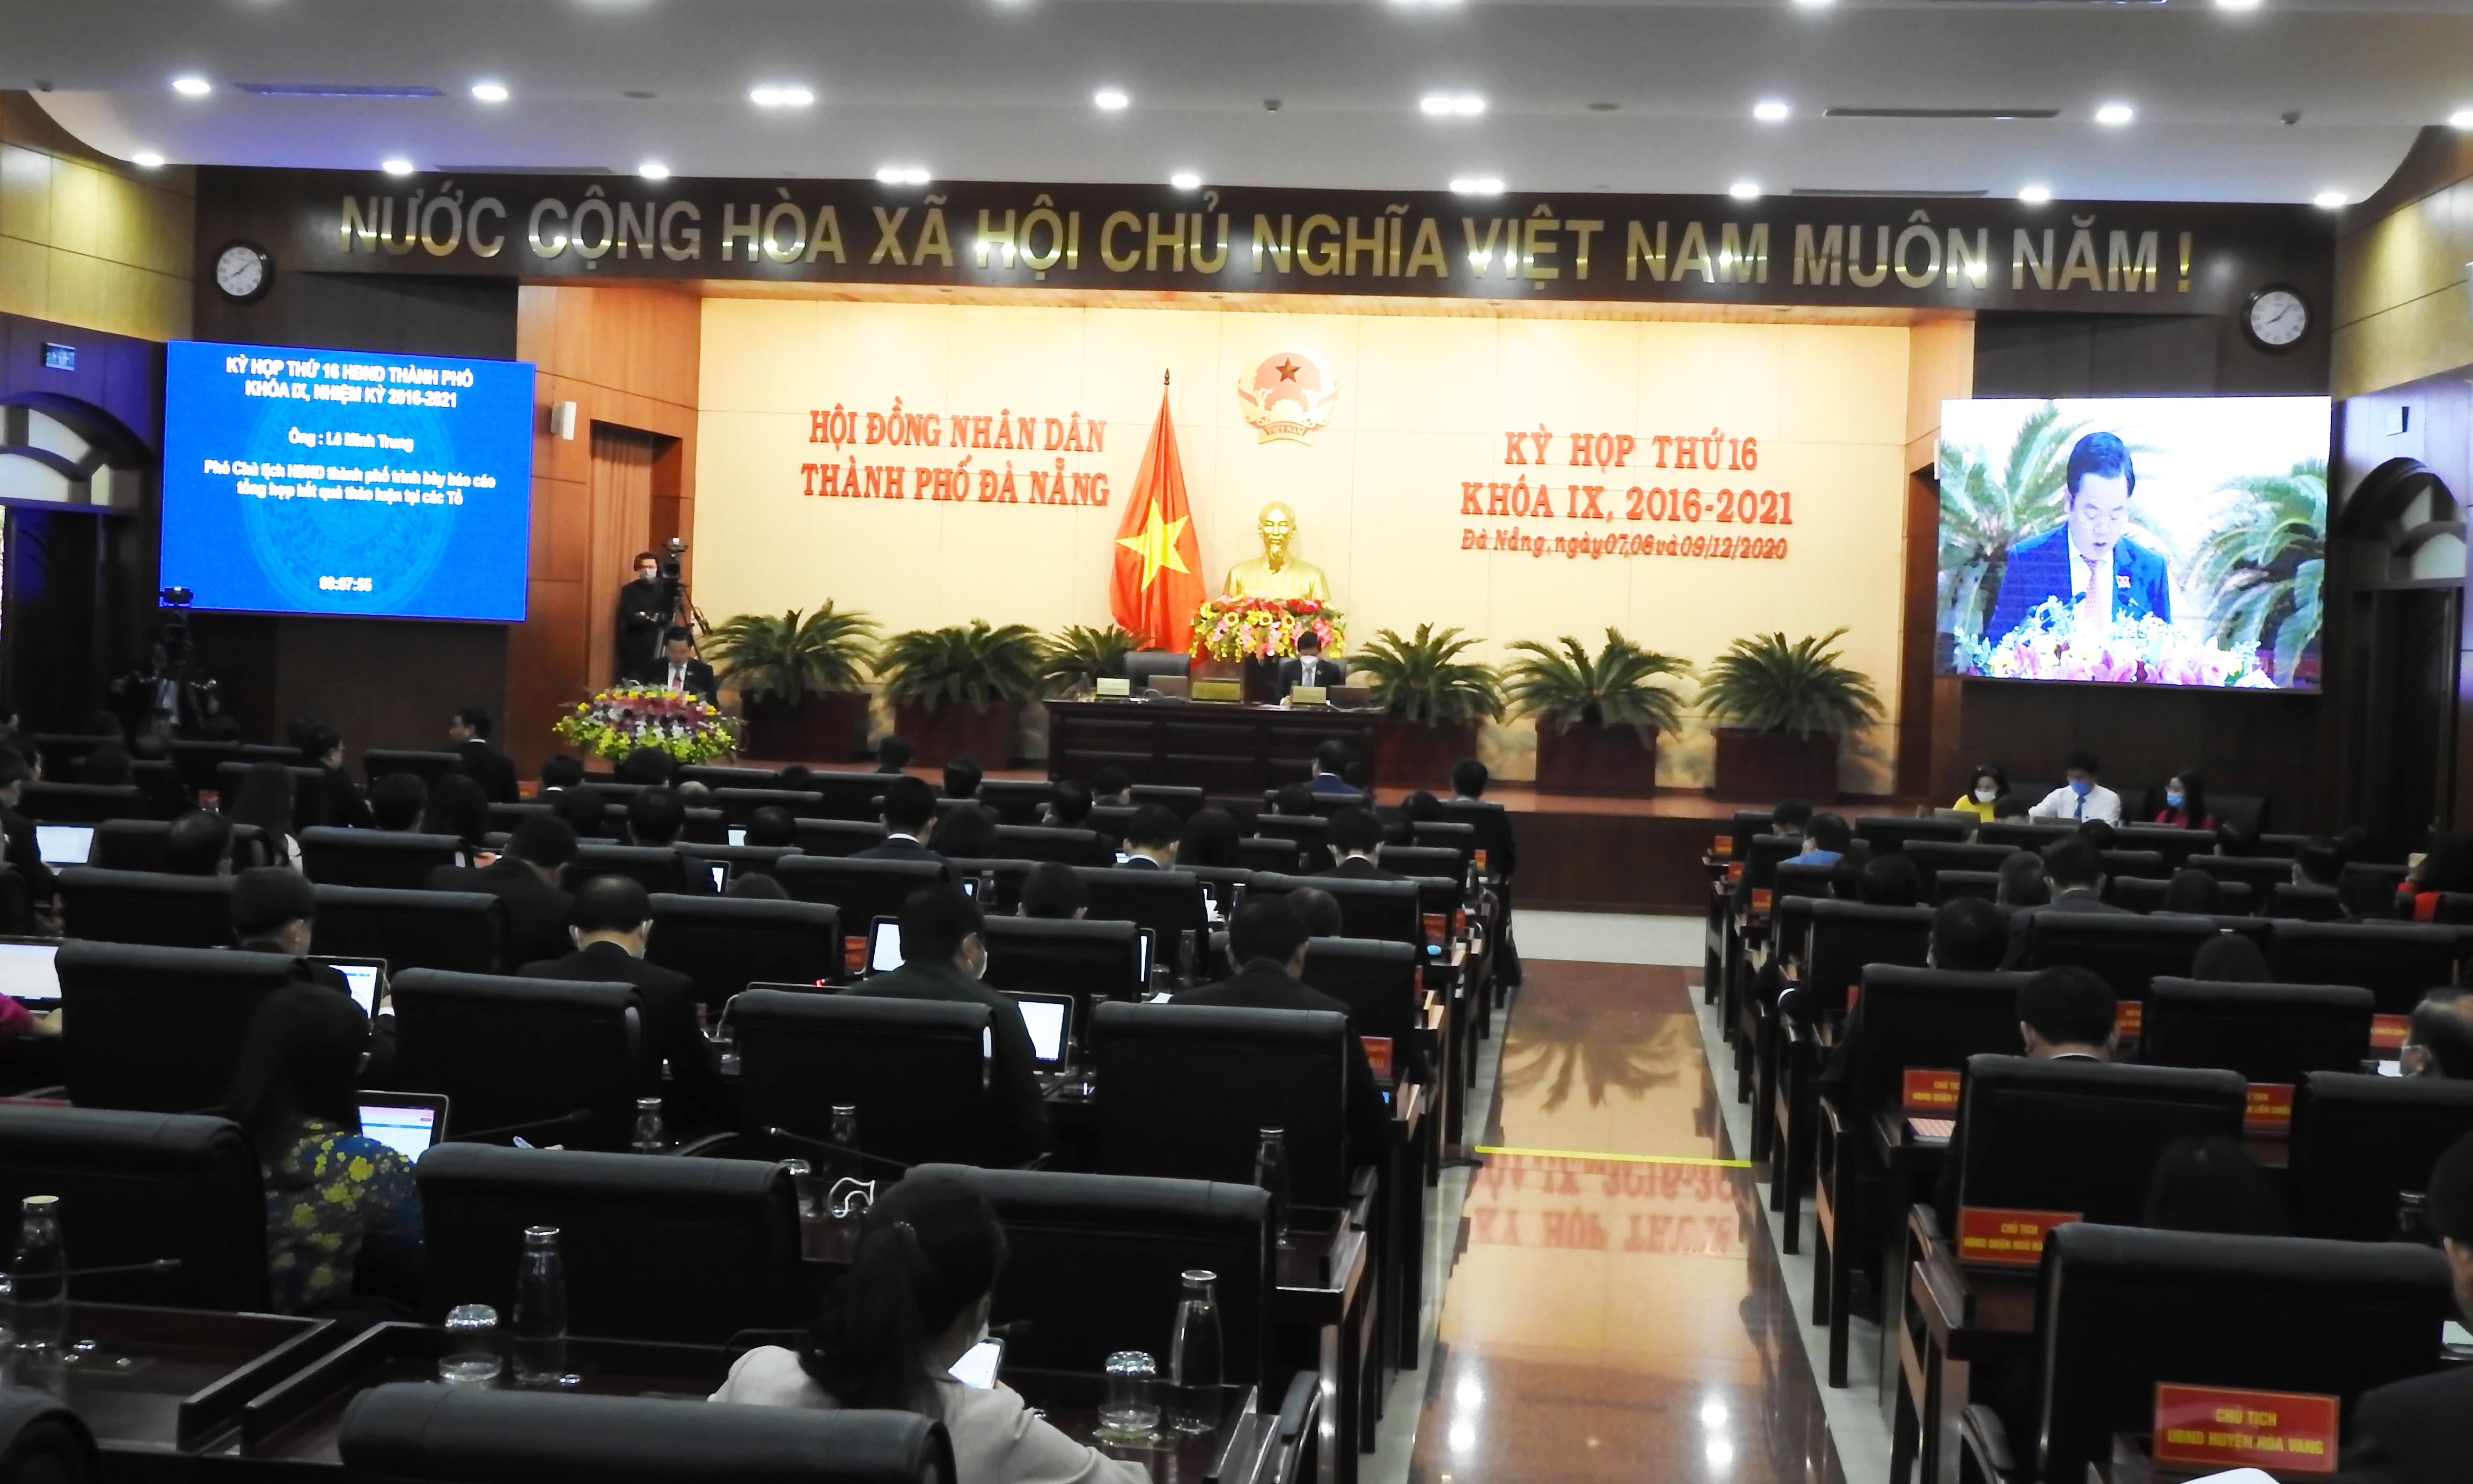 Phiên họp thứ 2 (kỳ họp thứ 16, khóa IX, nhiệm kỳ 2016 – 2021) HĐND TP Đà Nẵng, sáng 8/12. Ảnh Thanh Tùng